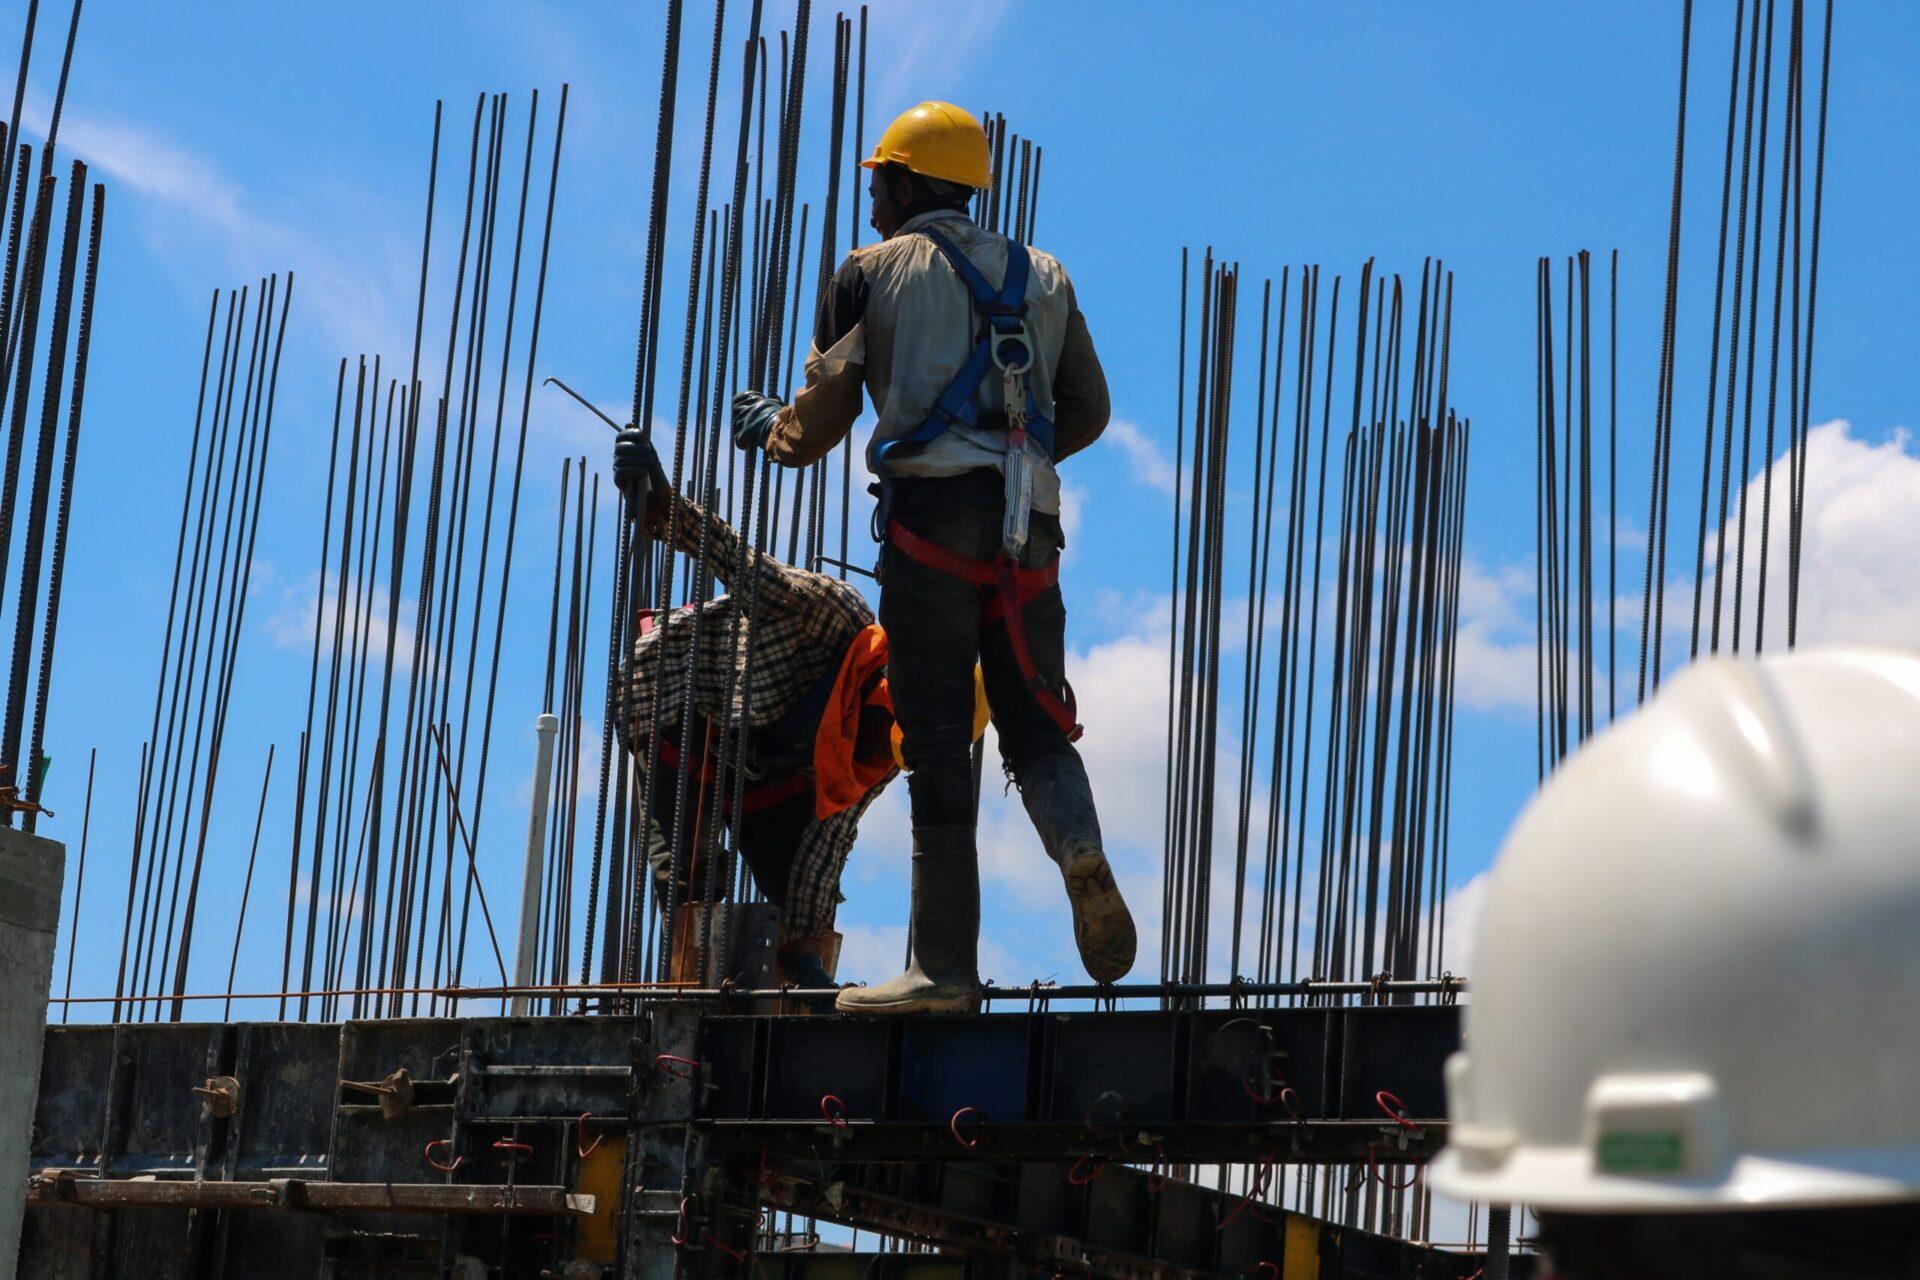 施工管理の4大管理とは【基本的な仕事内容】